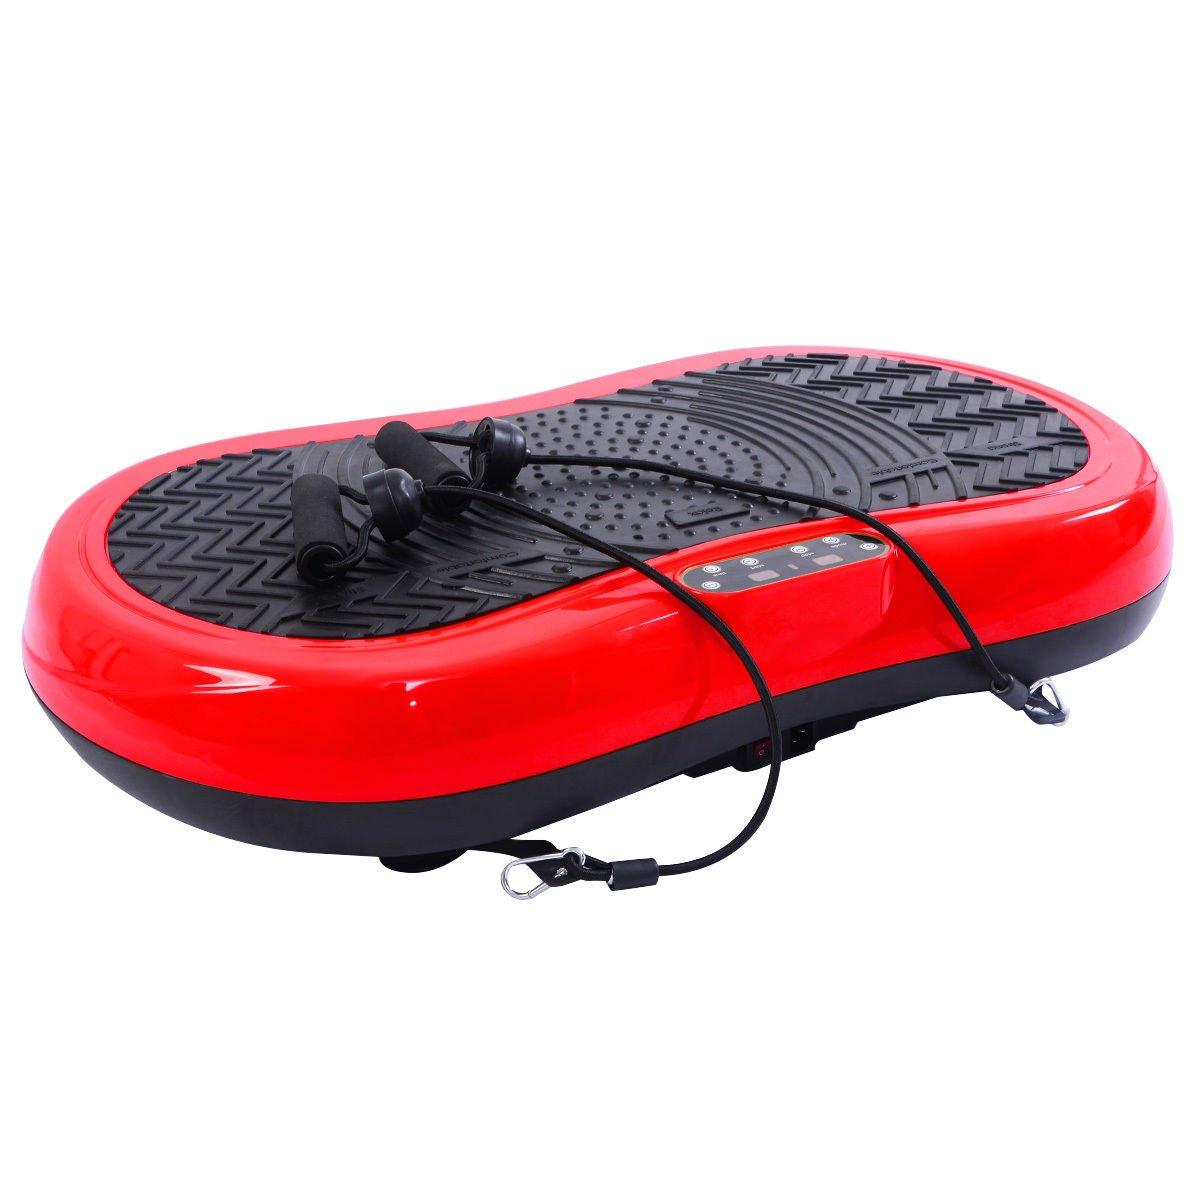 Tangkula Ultrathin Mini Crazy Fit Vibration Platform Massage Machine Fitness Gym (Red) by Tangkula (Image #2)